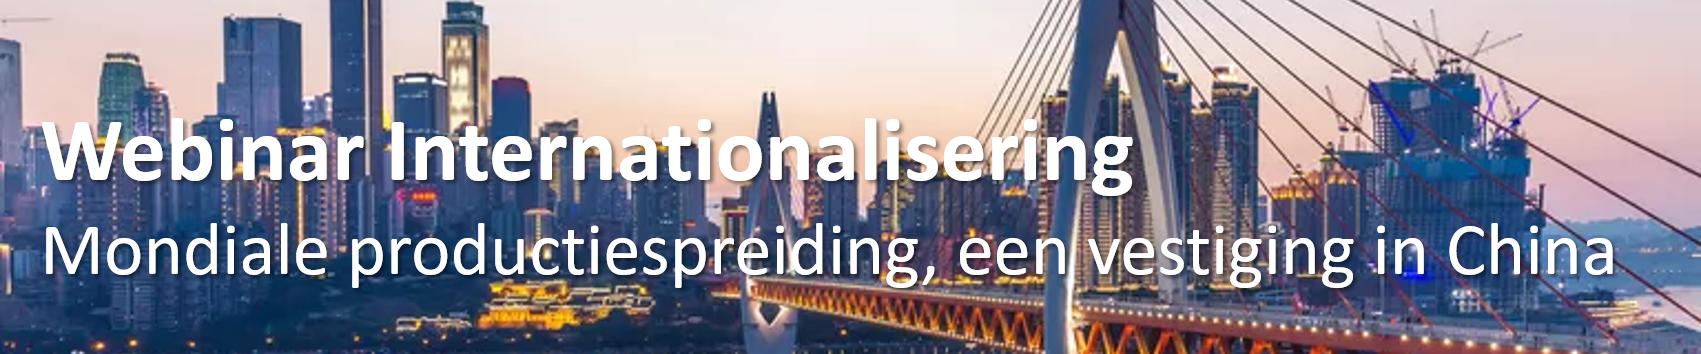 Webinar Internationalisering: mondiale productiespreiding, een vestiging in China